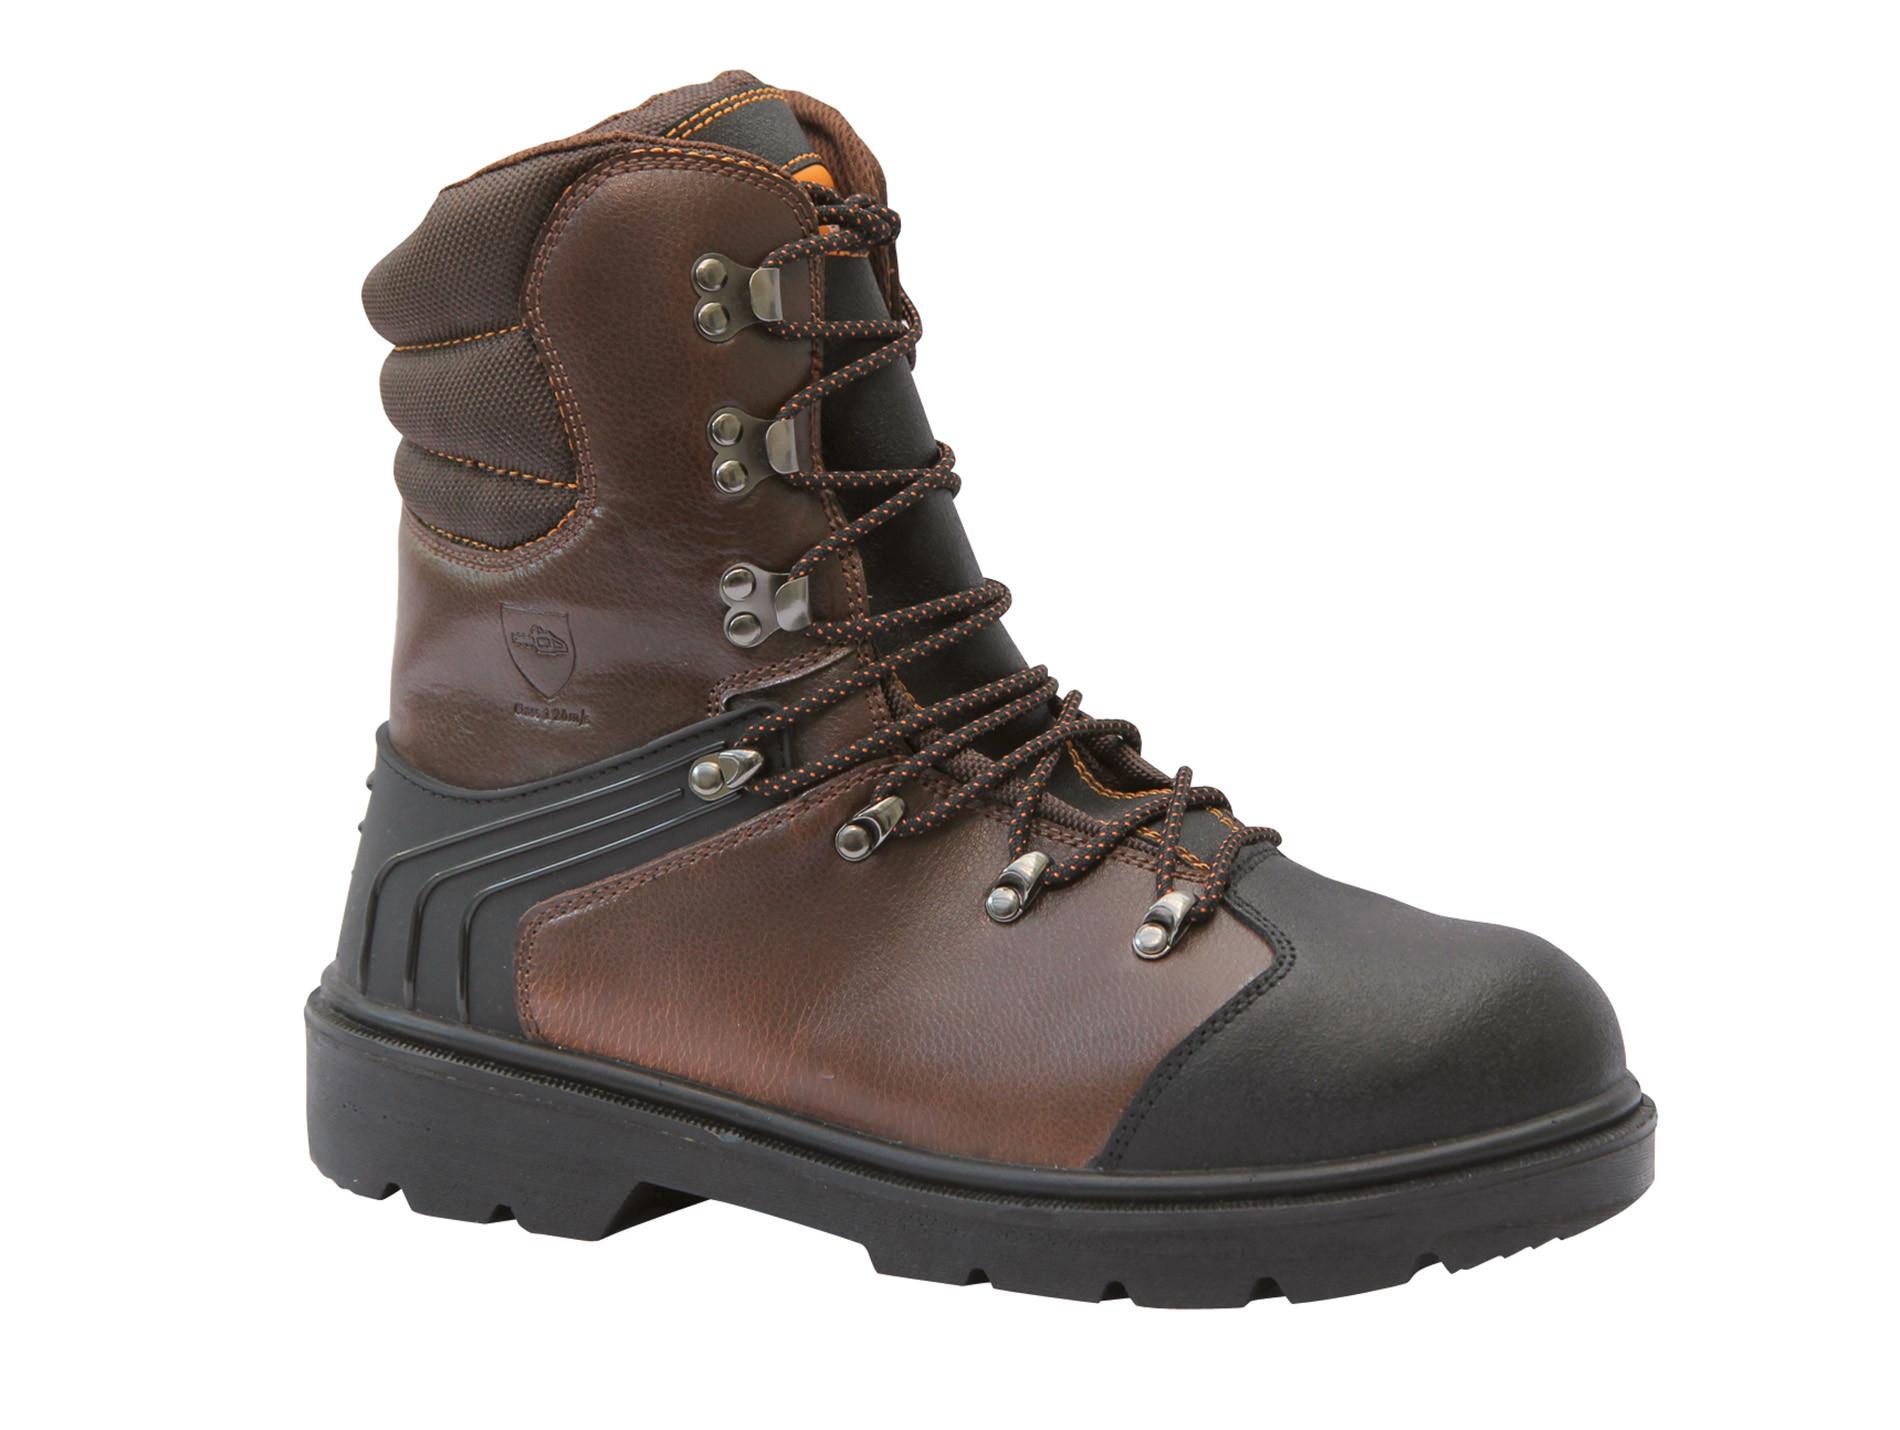 Chaussures de sécurité forestières montantes S3 EIGER